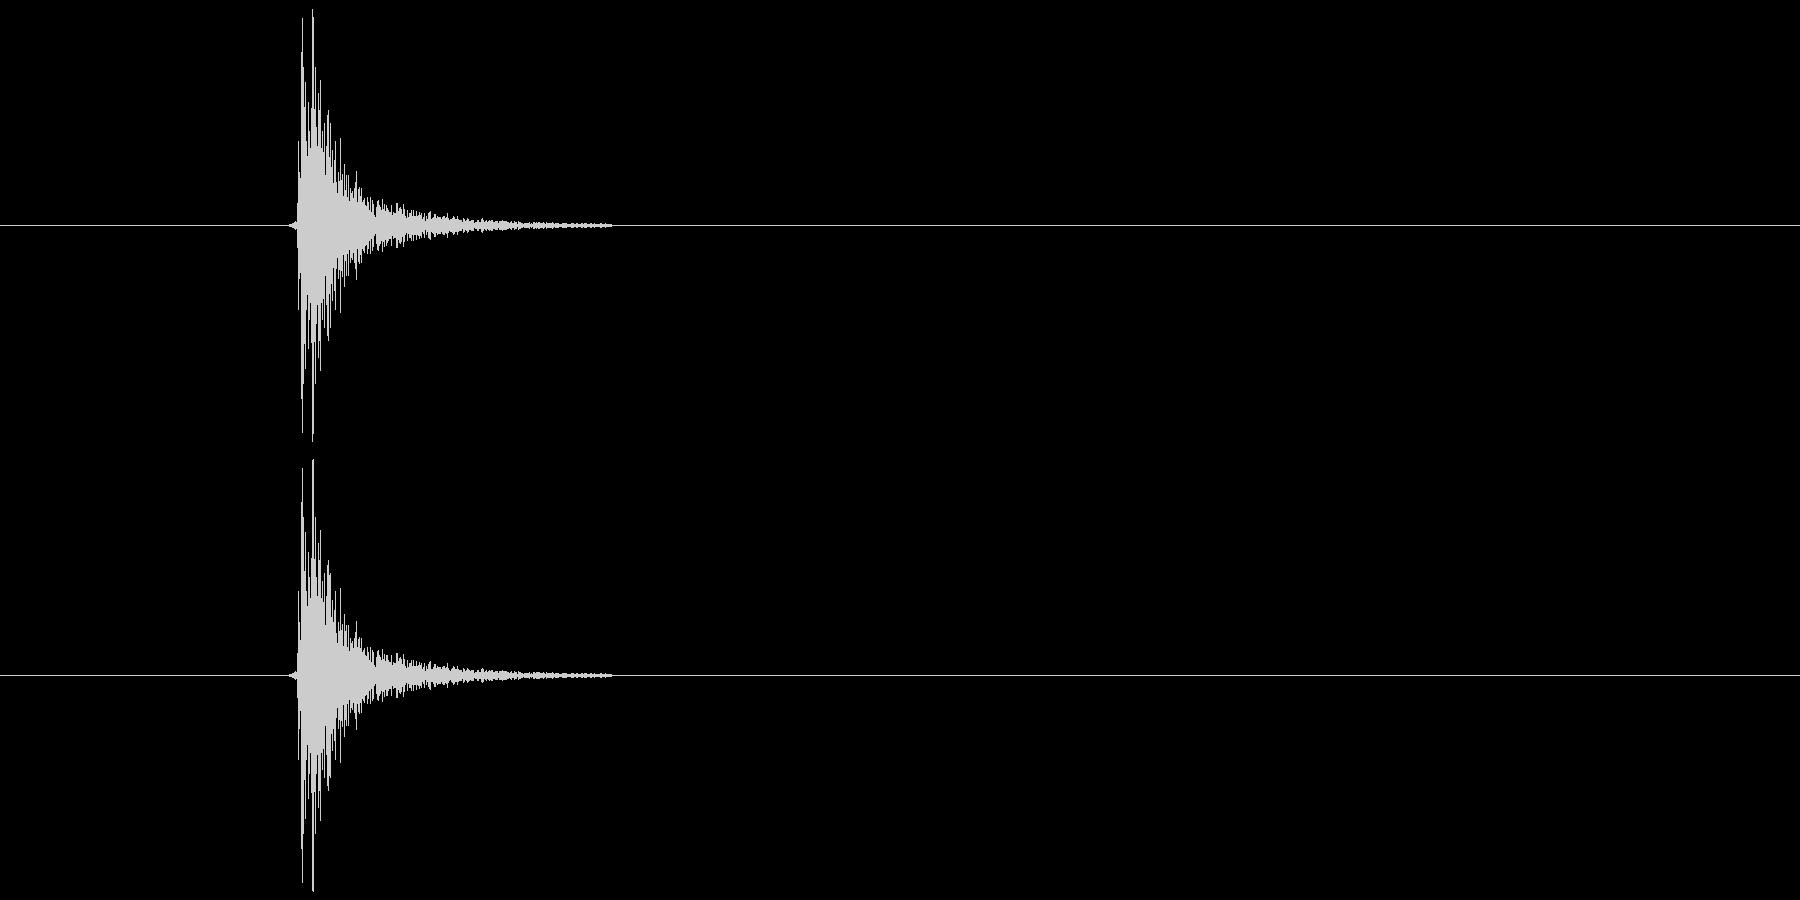 ポン(ペットボトルを叩く音)の未再生の波形